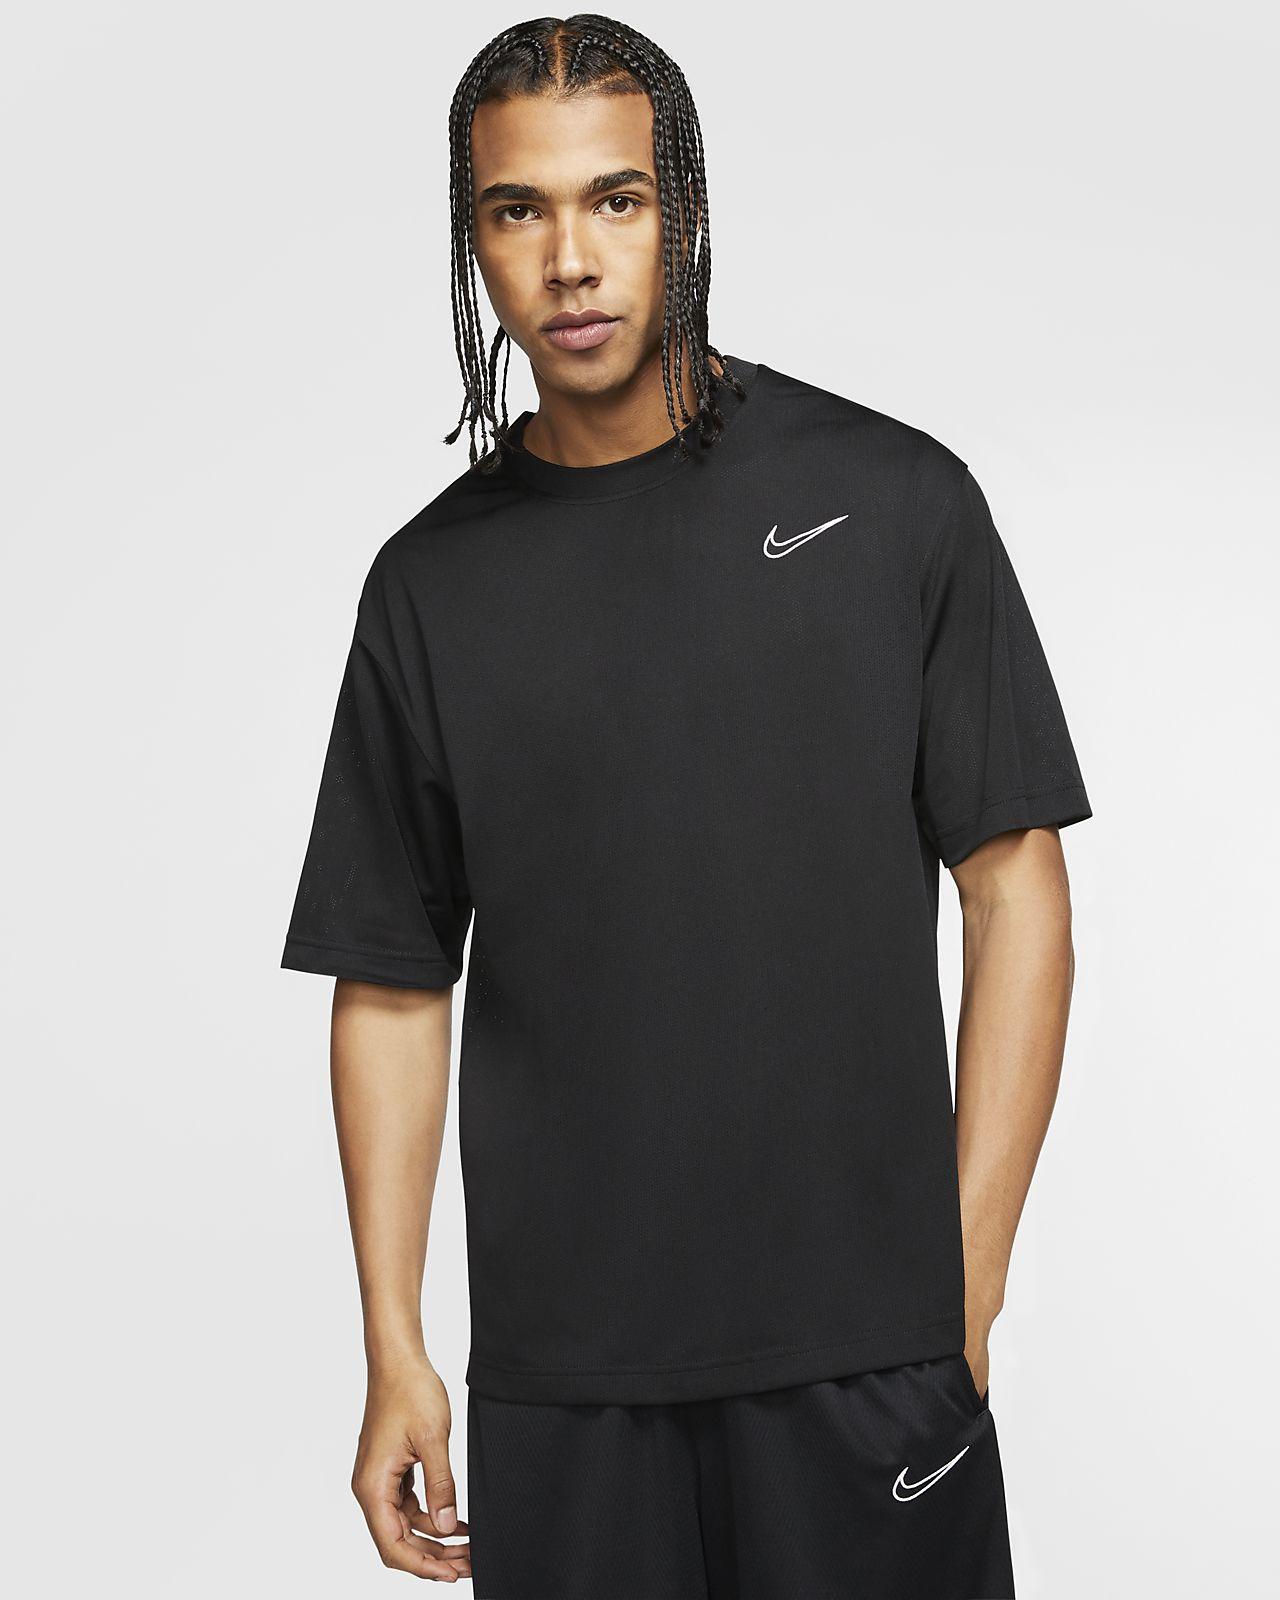 Nike Dri-FIT Classic Herren-Basketballoberteil